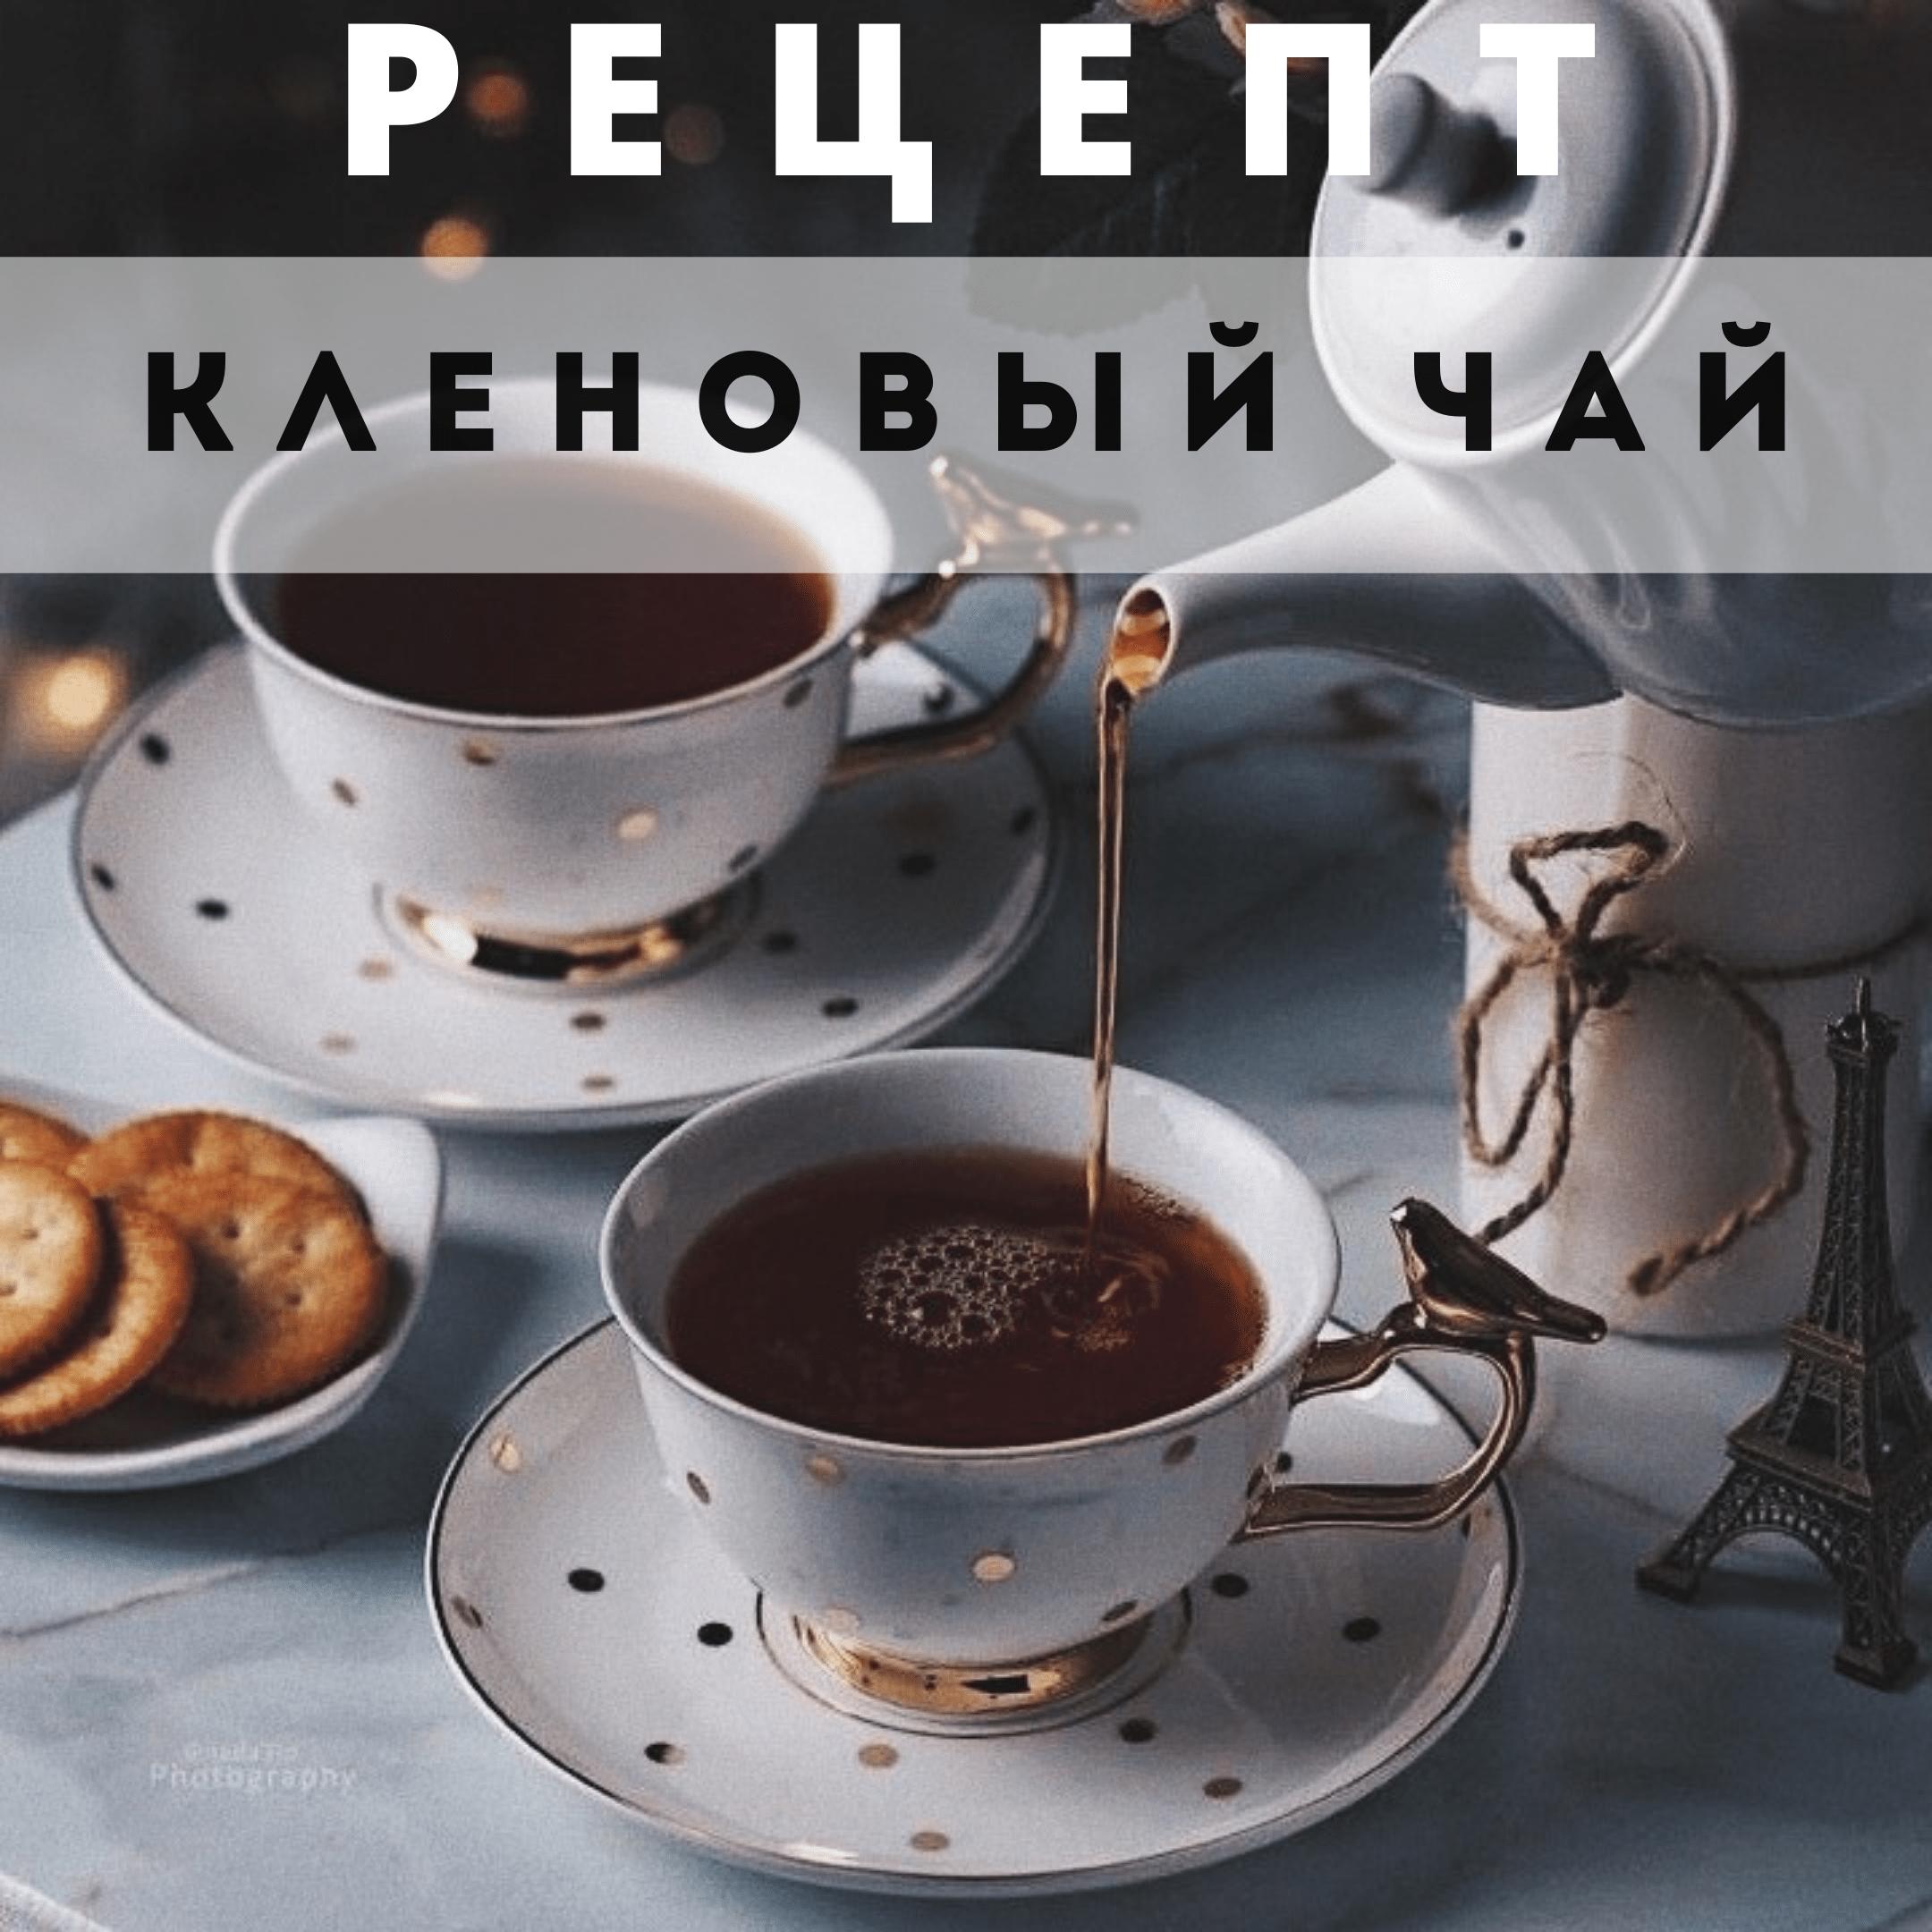 кленовый чай с сиропом